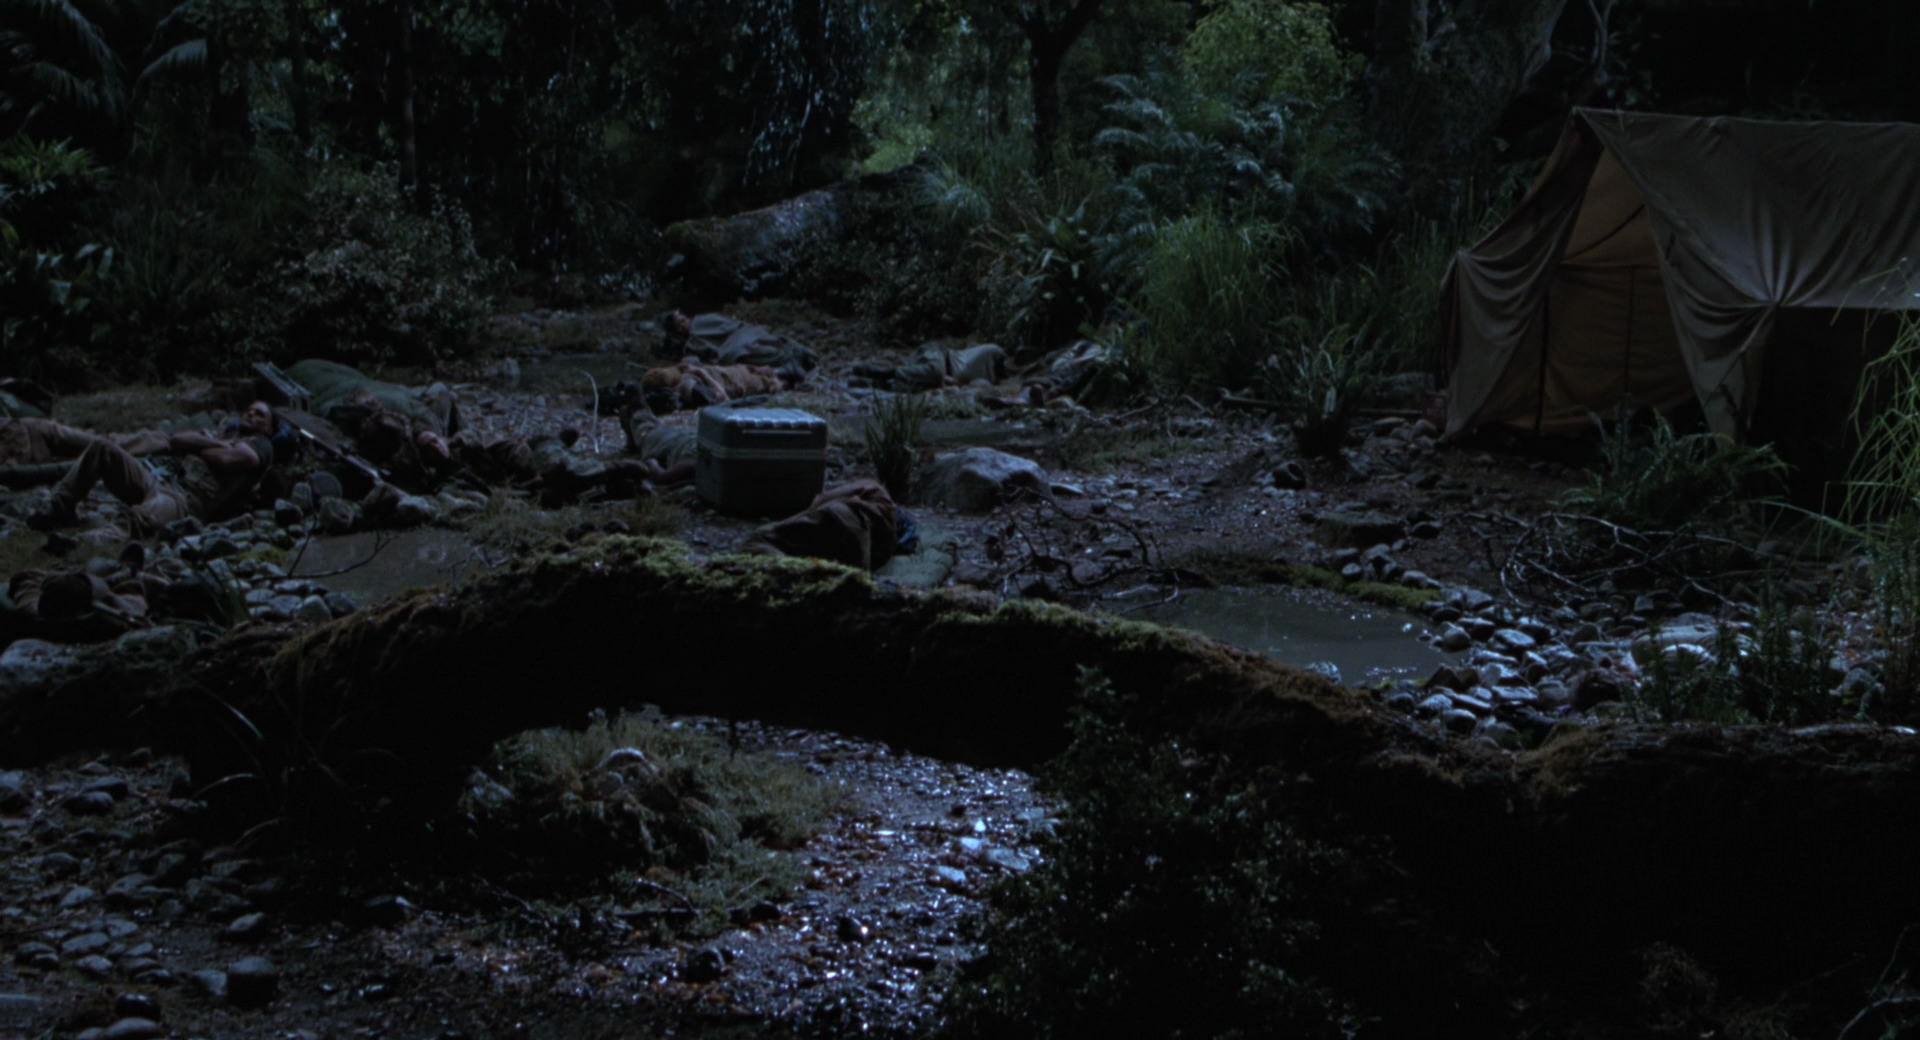 The Lost World Jurassic Park Screencaps are here Jurassic-lost-world-movie-screencaps.com-9672